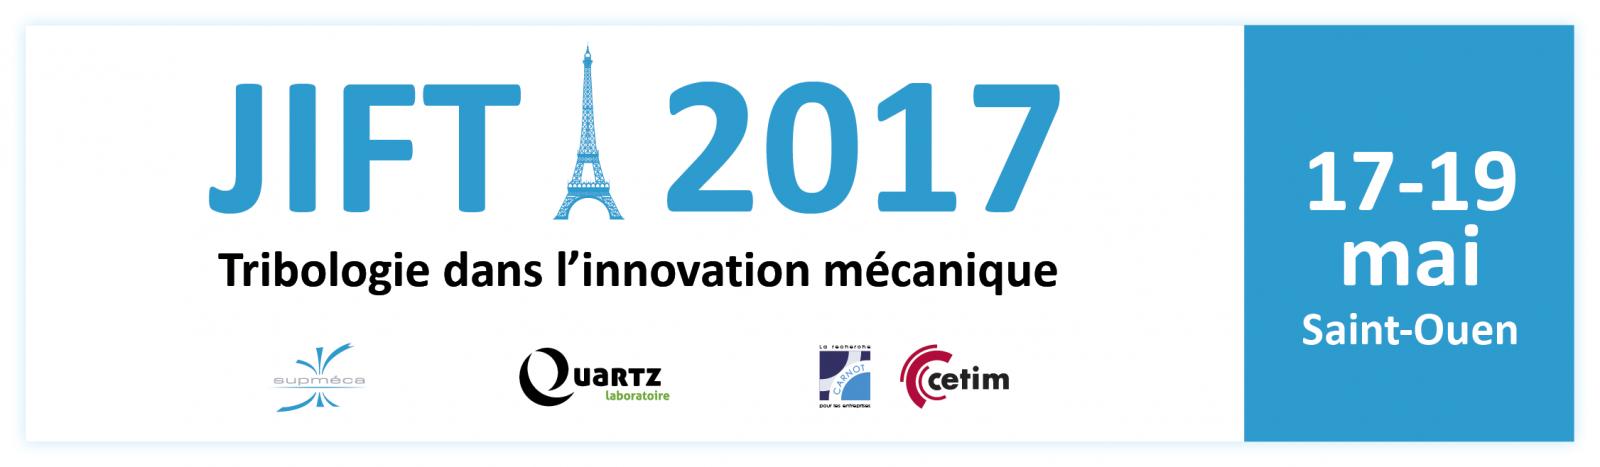 Bannière JIFT 2017 avec Supméca et ses partenaires